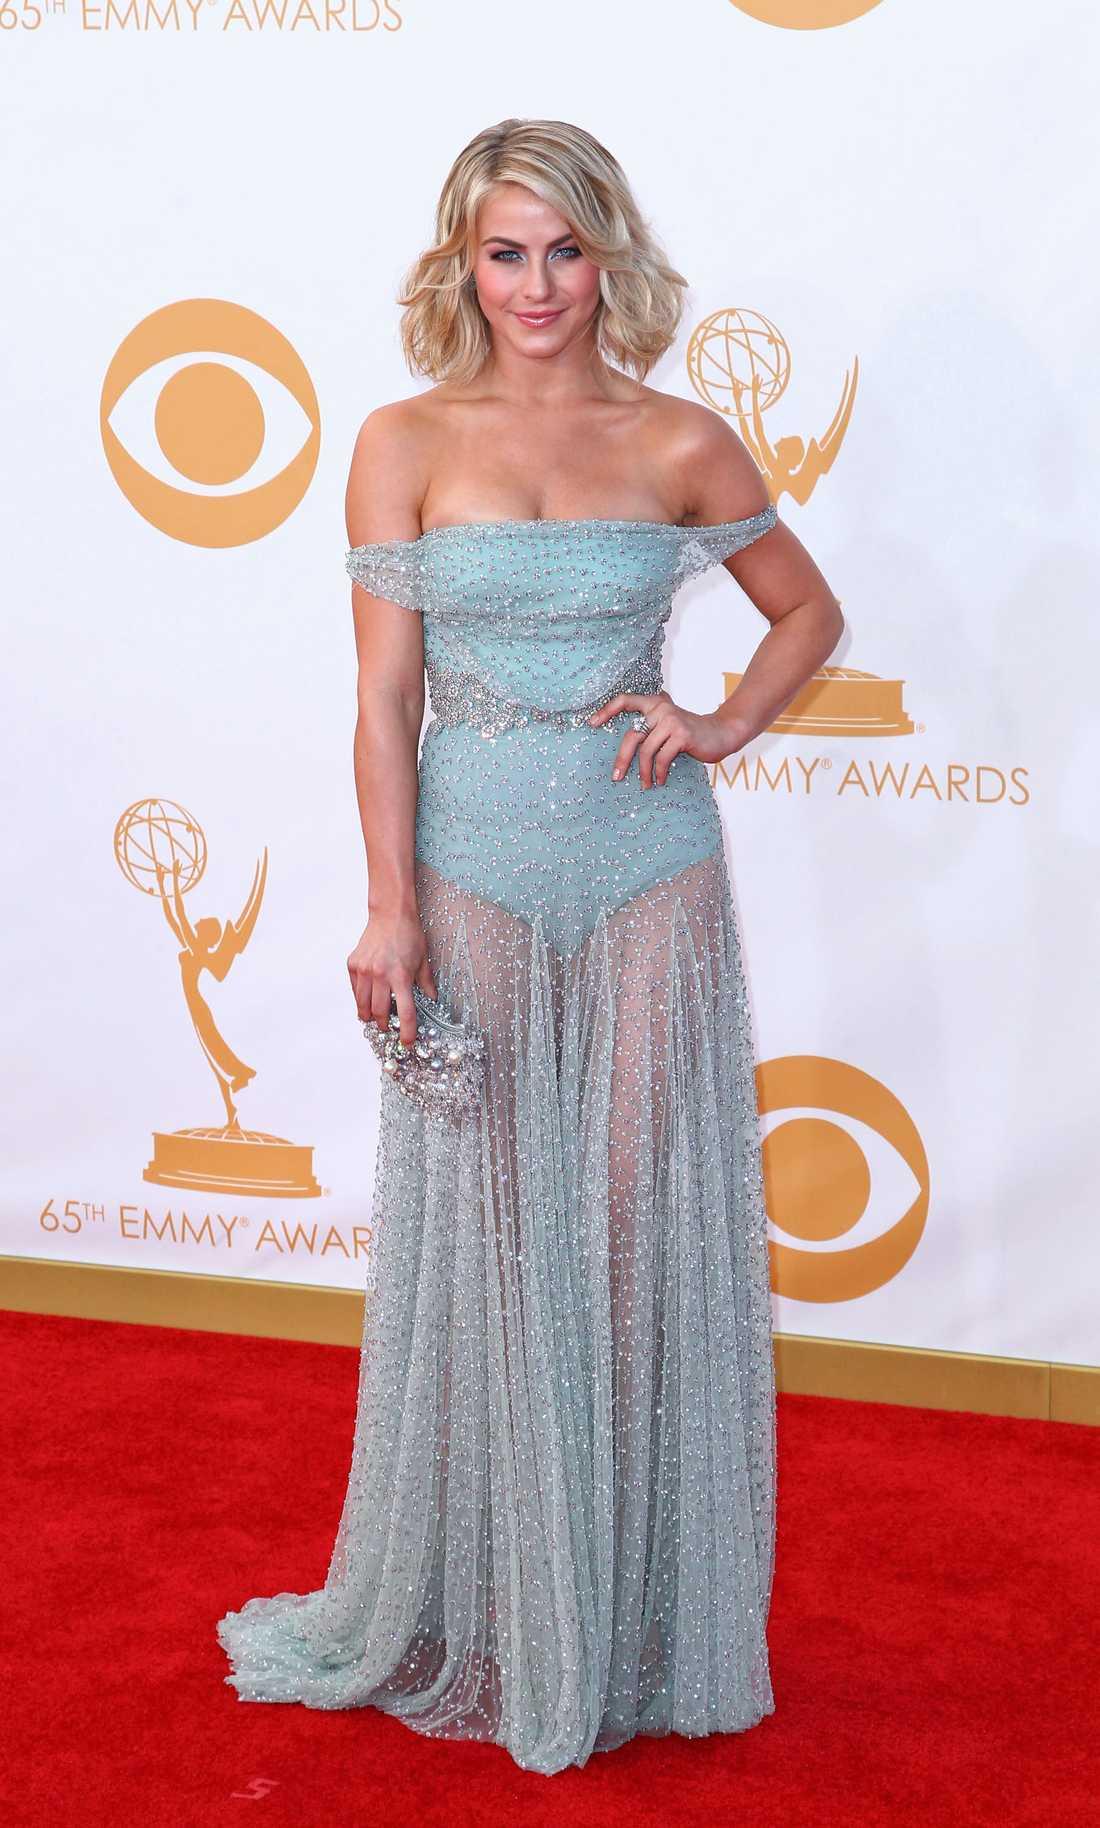 Julianne Hough Rumpan var nästan bar på Jualianne Hough i den här otroligt vackra klänning från Jenny Packham.